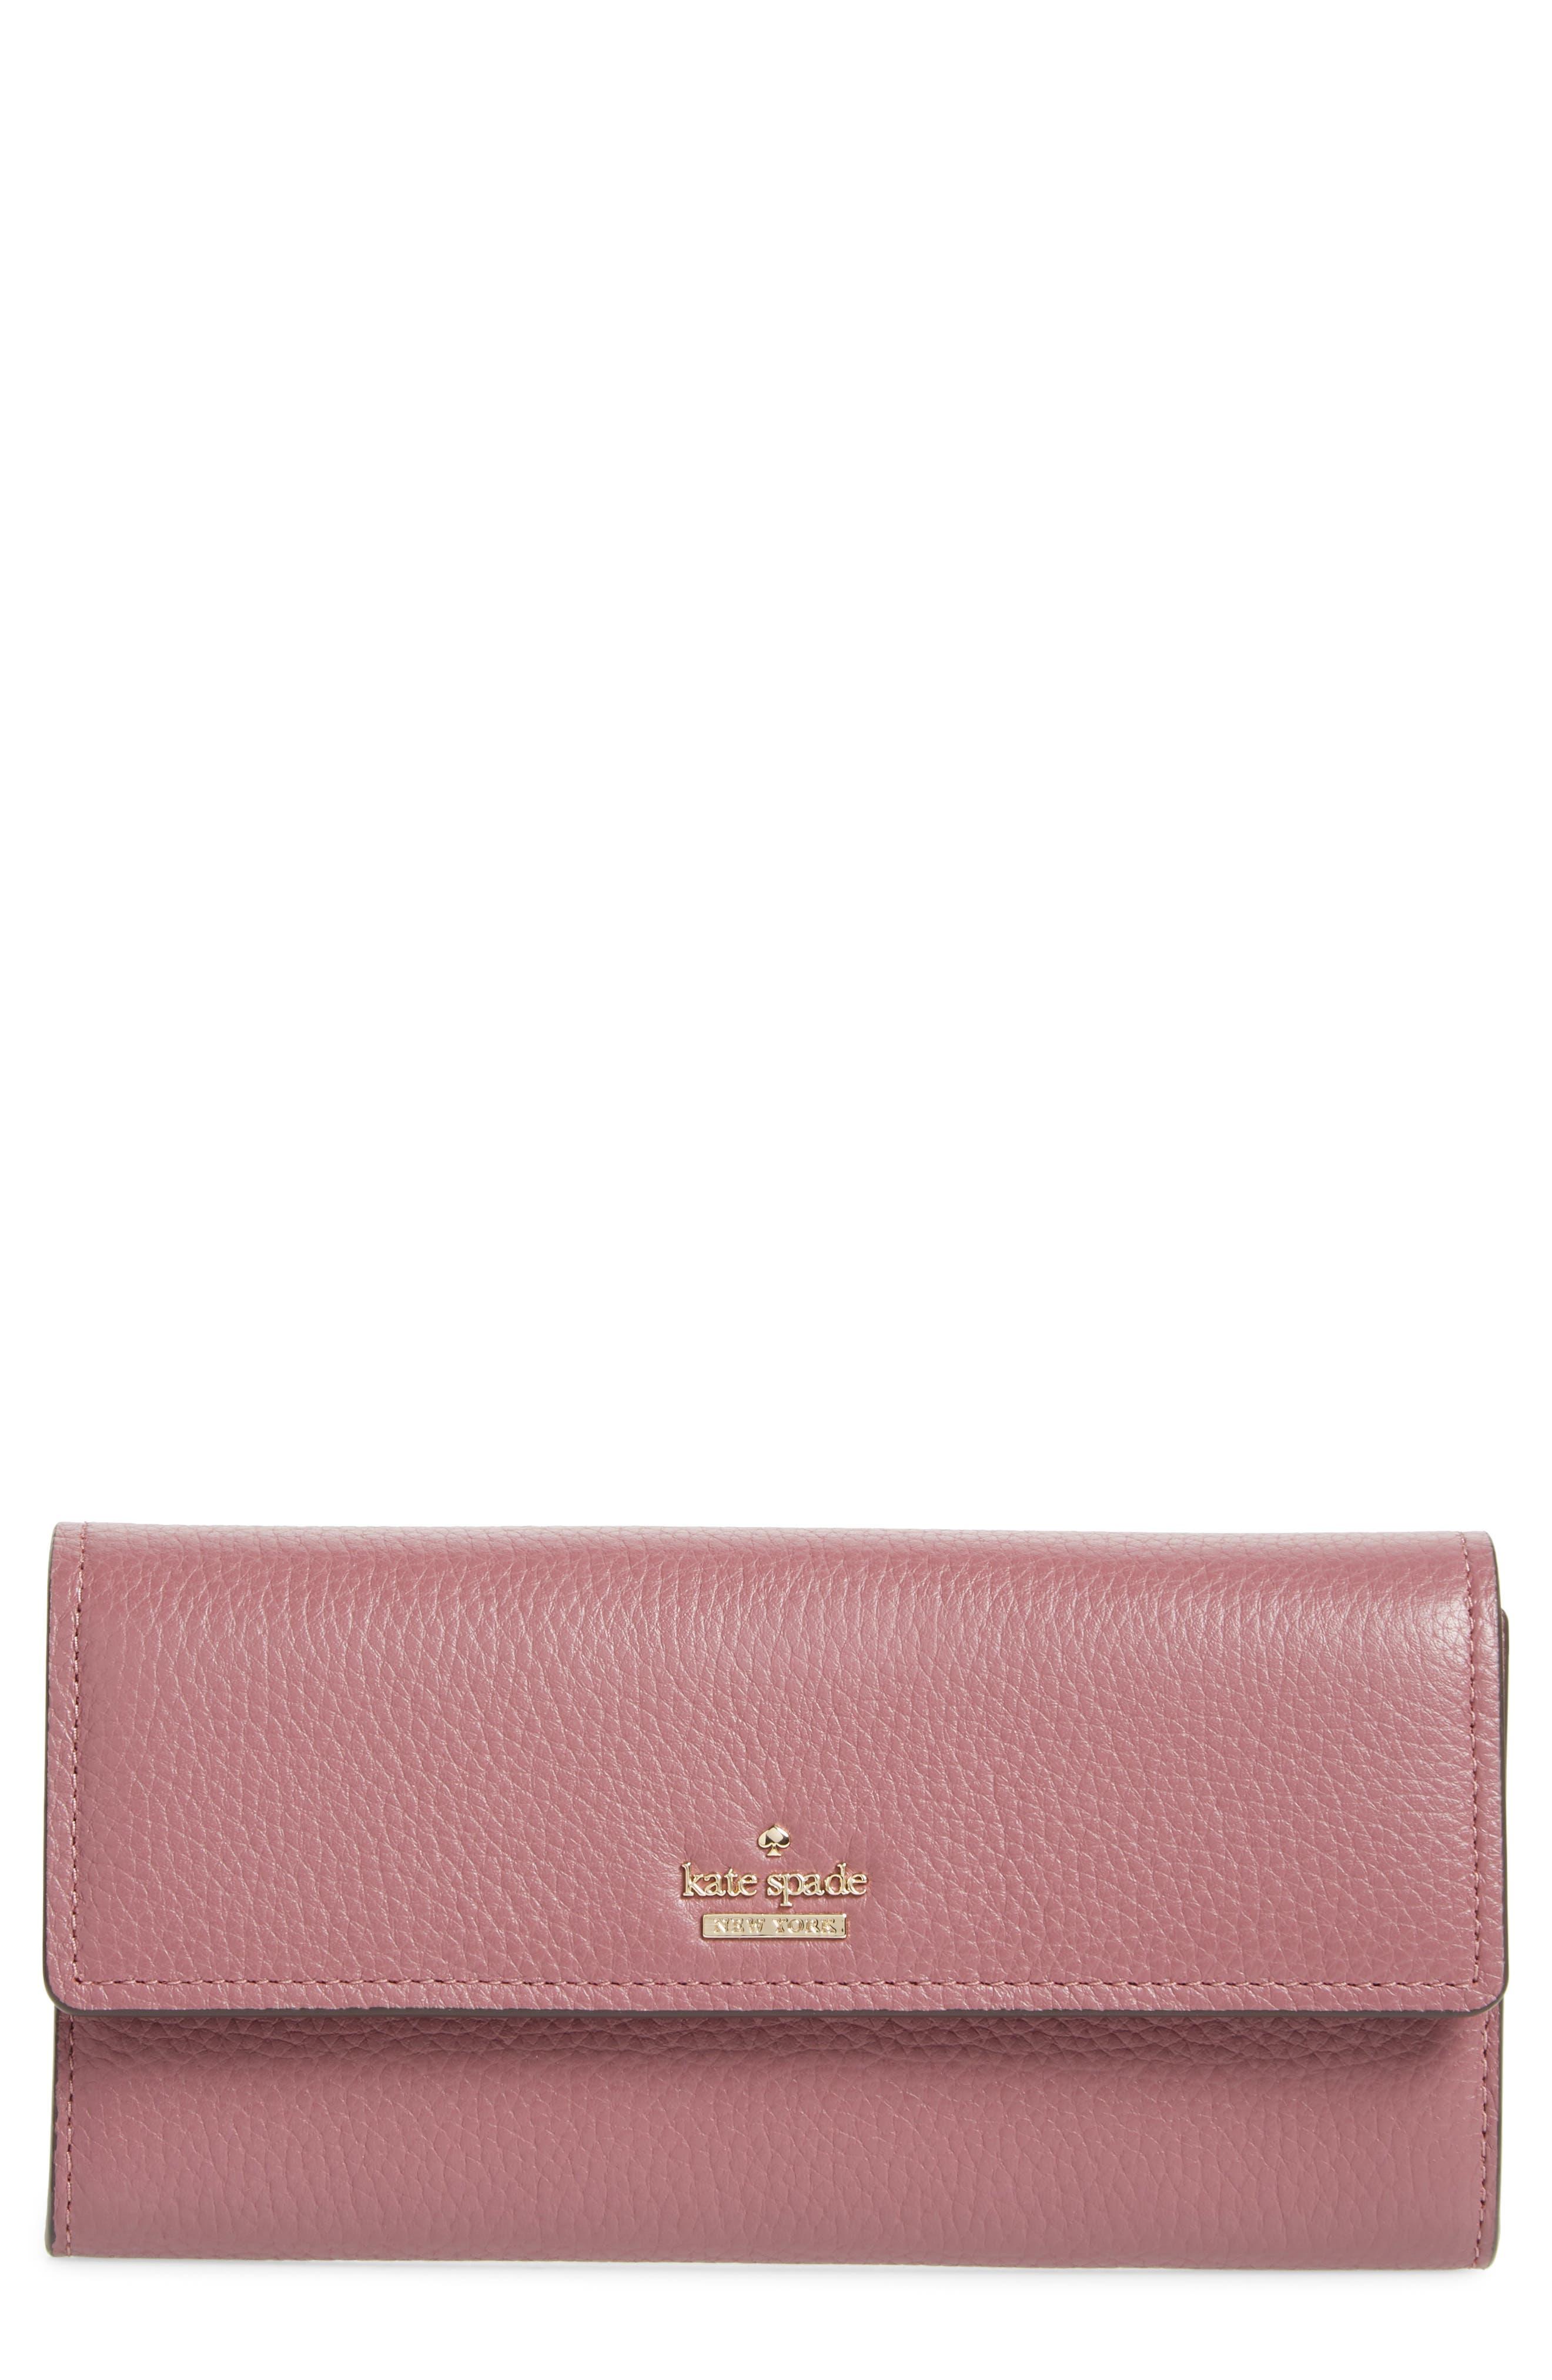 oakwood street – kinsley pebbled leather wallet,                             Main thumbnail 1, color,                             564